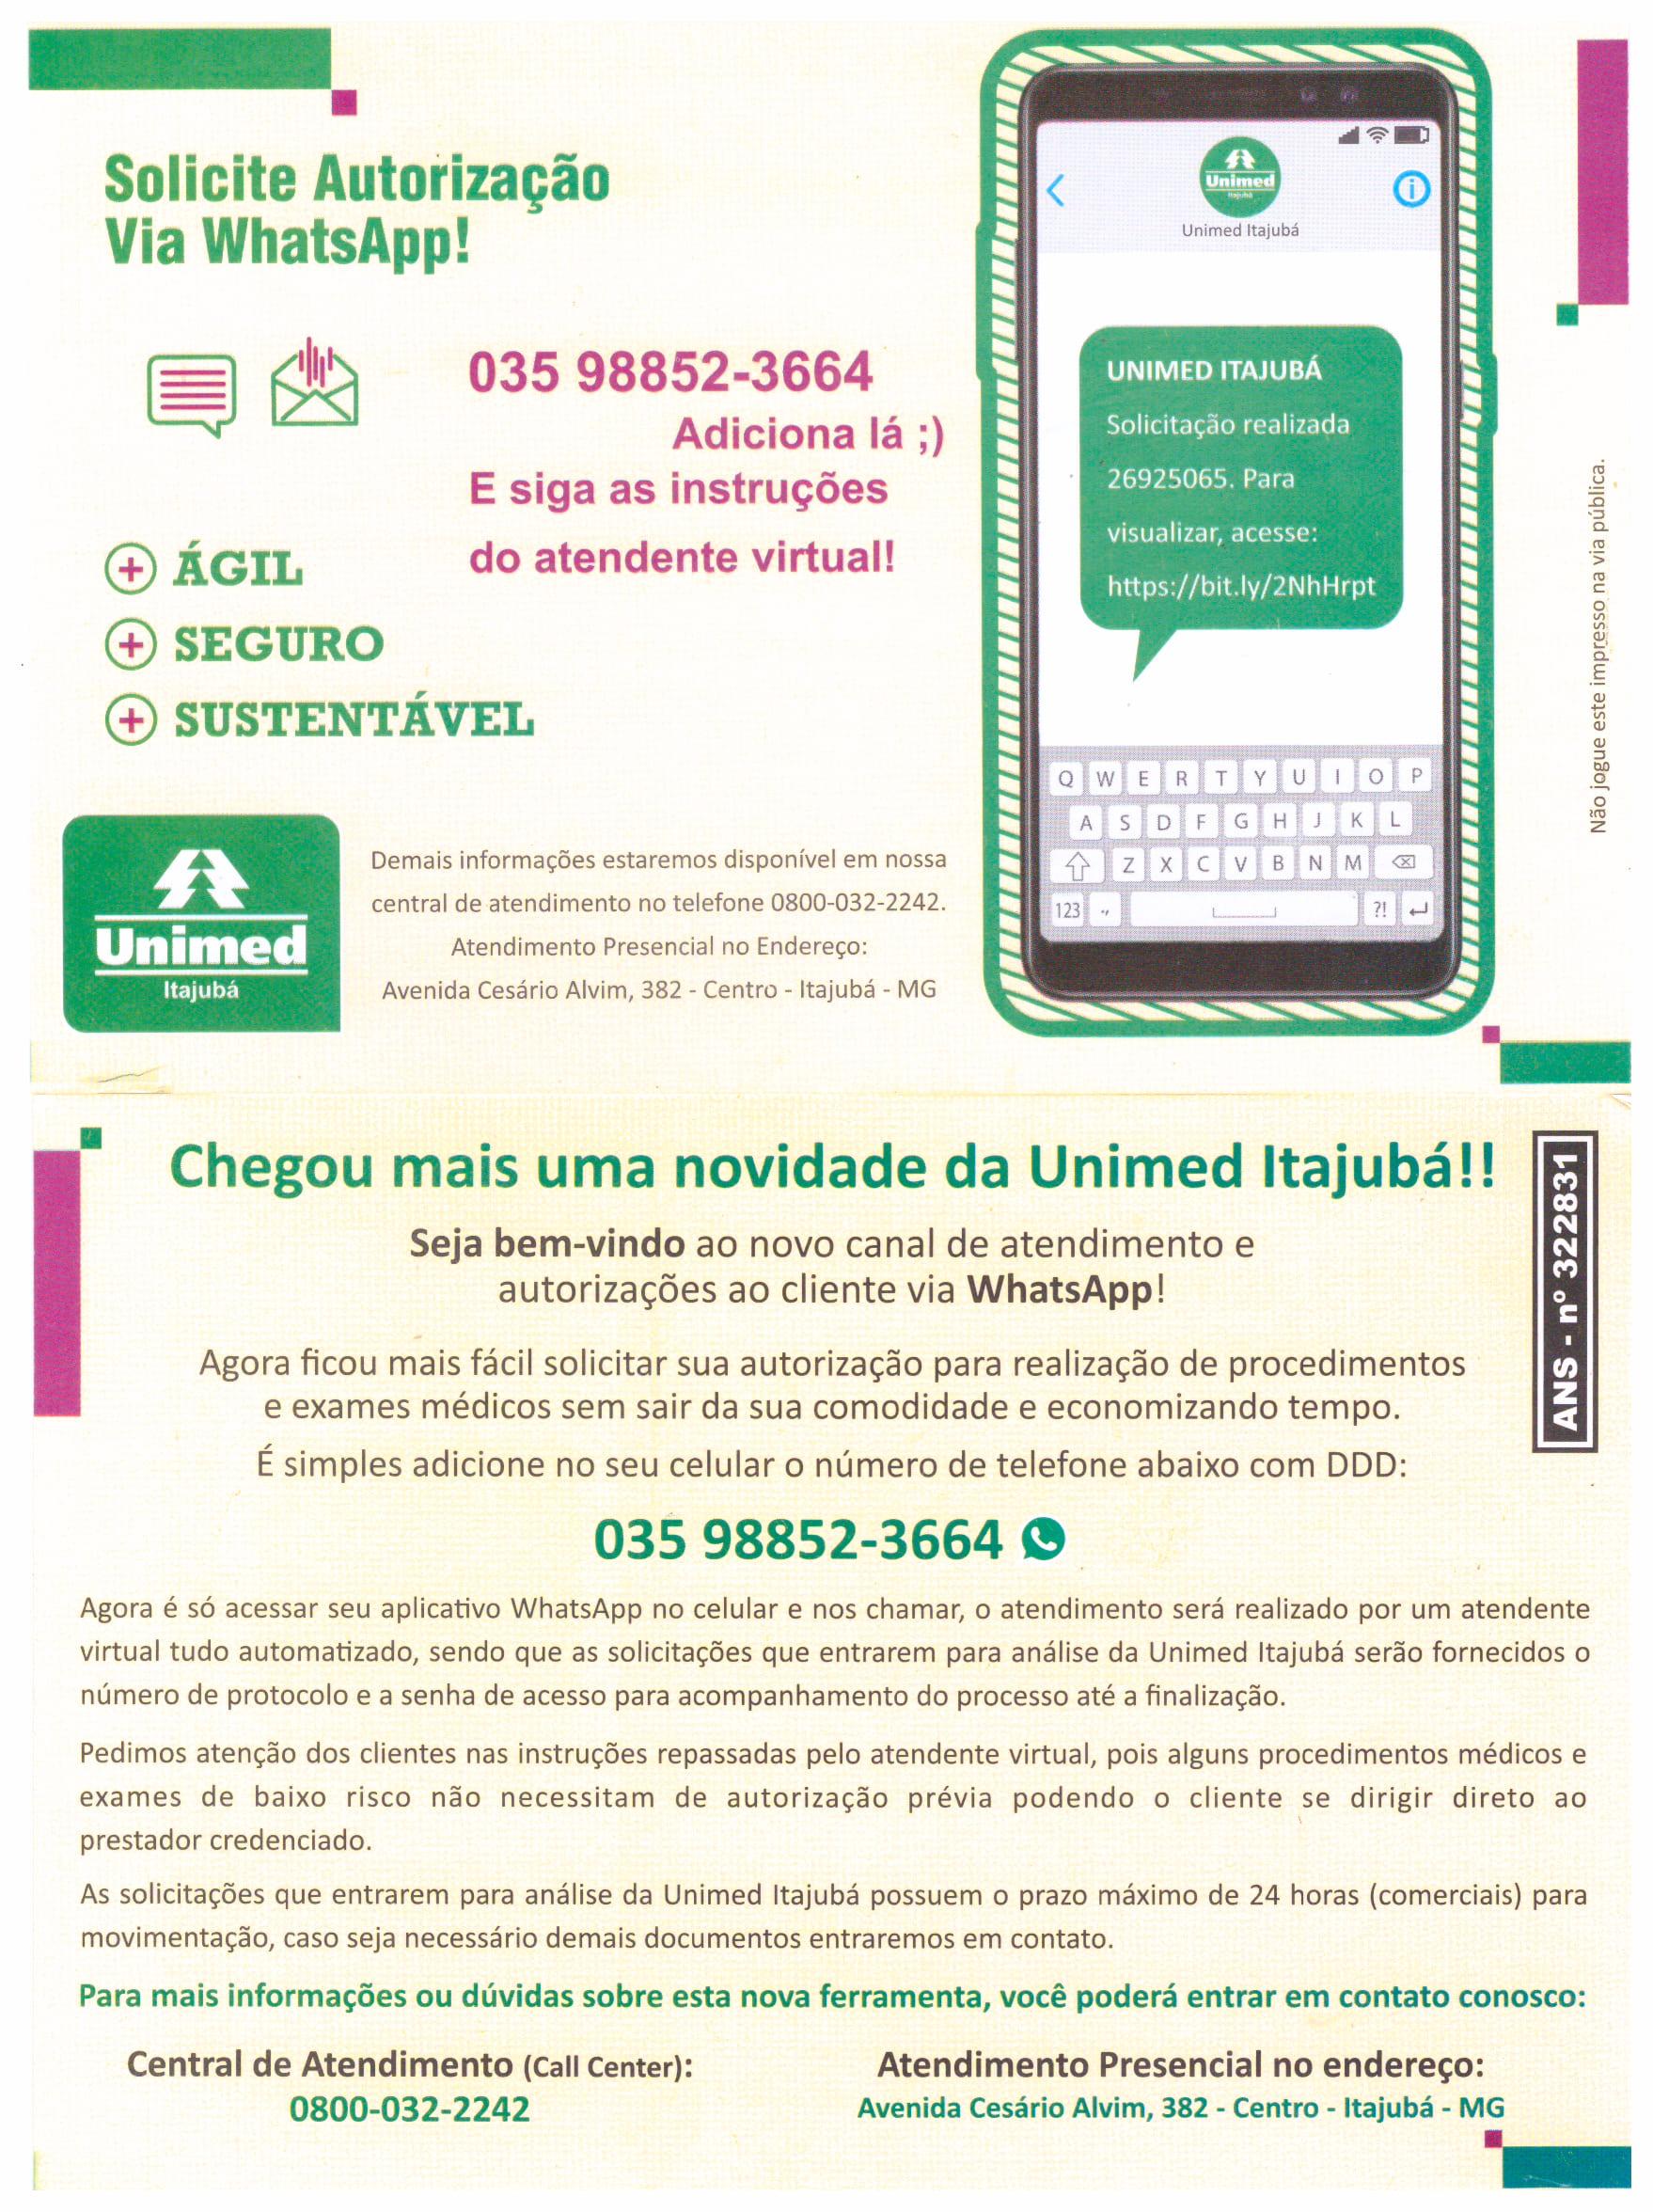 Autorização Unimed via WhatsApp